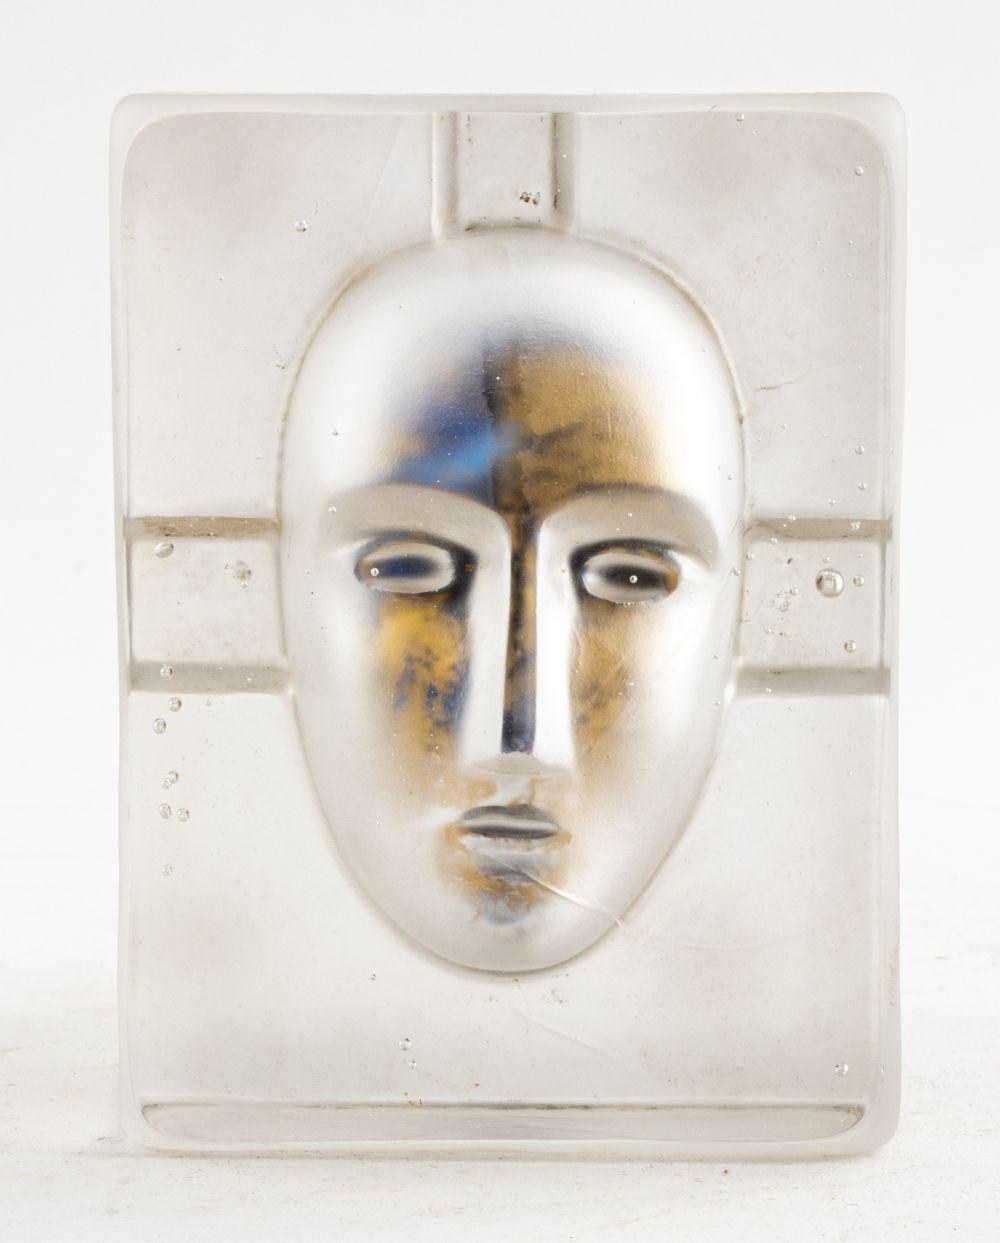 Bertil Vallien Kosta Boda Art Glass Portrait